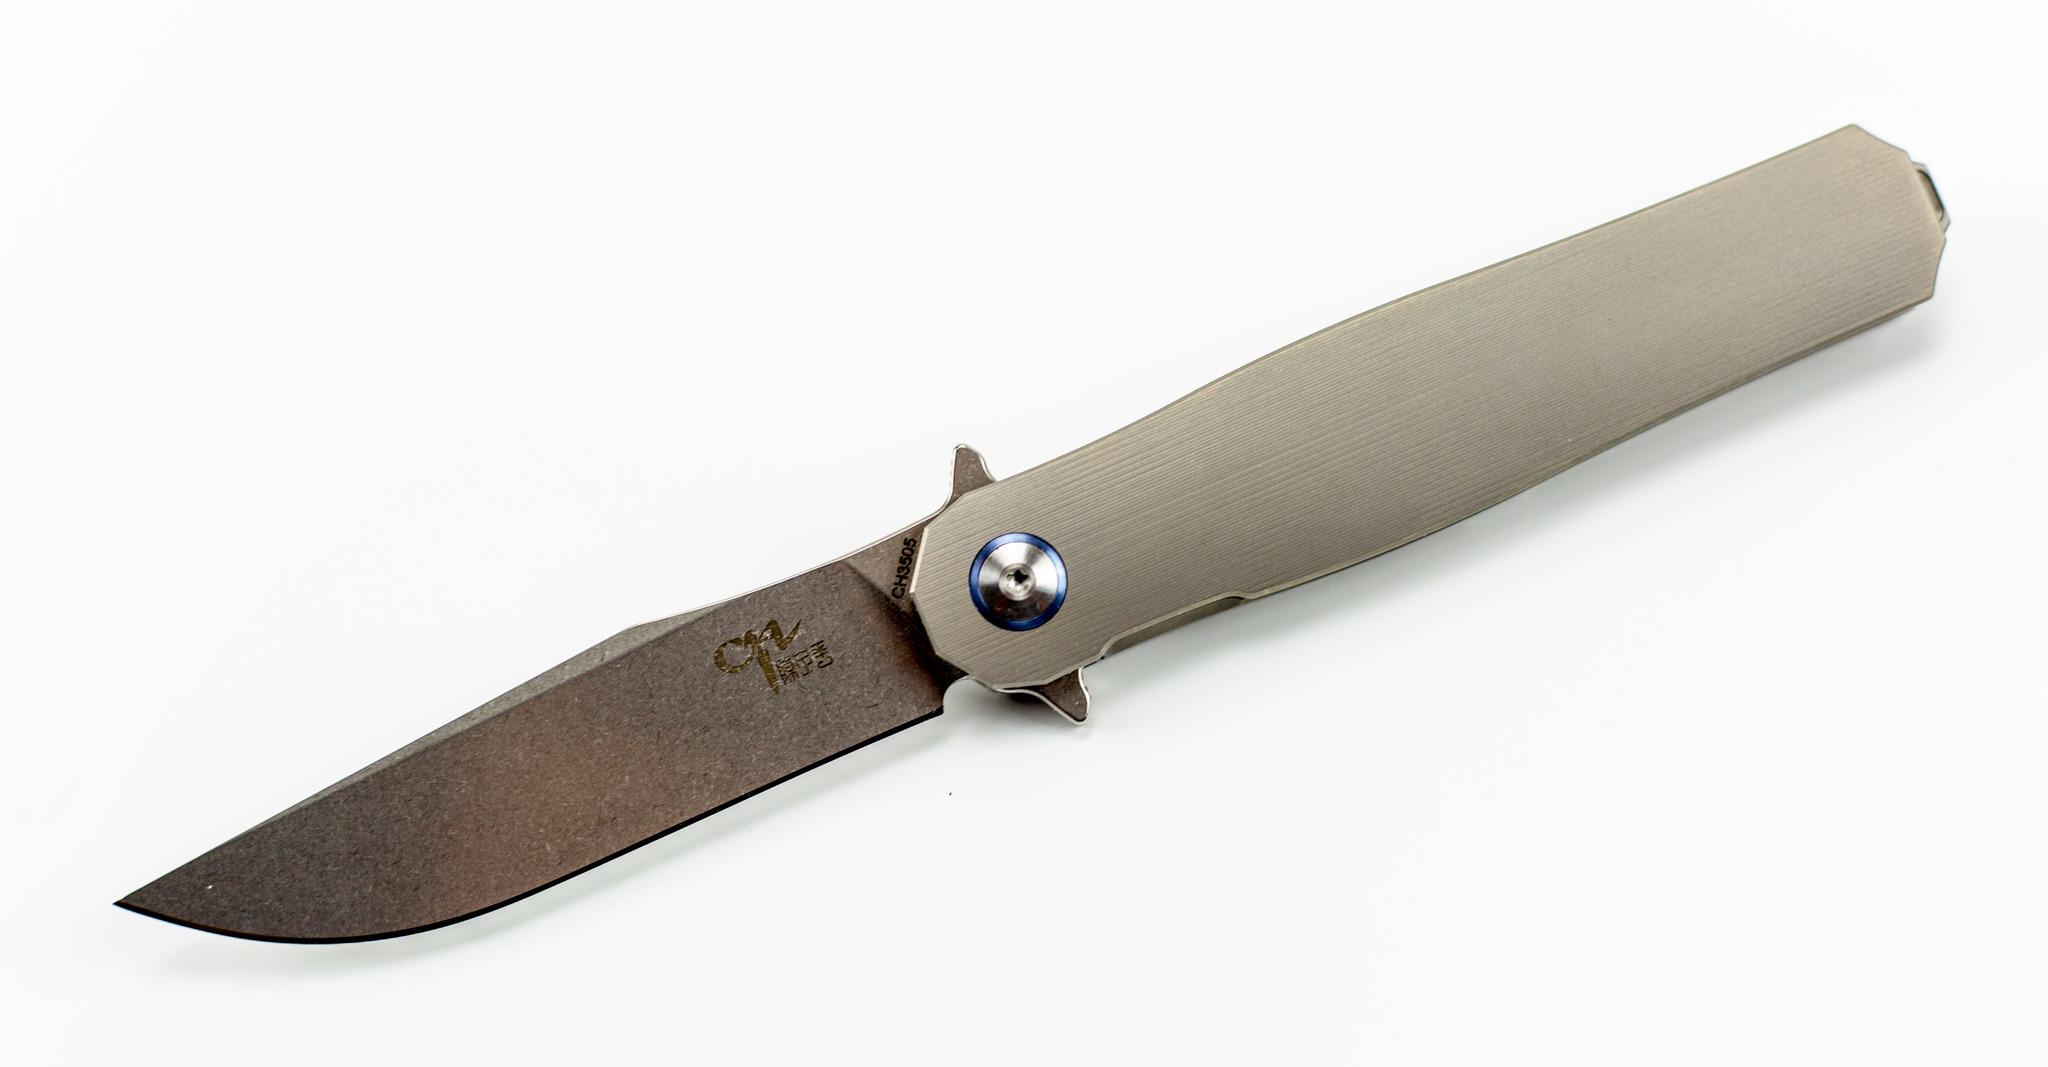 Складной нож CH3505 сталь S35VNРаскладные ножи<br>Простые и лаконичные формы, а также материалы из которых выполнен этот нож смогут оценить лишь настоящие ценители. СКЛАДНОЙ НОЖ CH3505 СТАЛЬ S35VN сочетает в себе стильную внешность, стальной характер и максимальное удобство в процессе использования. Клинок ножа имеет универсальную геометрию, которая позволяет использовать нож для решения широкого спектра задач, как в городских условиях, так и на природе. Клинок ножа выполнен из порошковой стали с высоким содержанием хрома, что обеспечивает эффективную защиту от коррозии. Клинок ножа имеет двухсторонние выступы в районе пятки, которые в рабочем положении выполняют роль гарды для защиты рук. Рукоятка из облегченного титанового сплава позволила снизить вес ножа до минимальных значений. Такой нож можно носить даже в кармане легких летних брюк.<br>